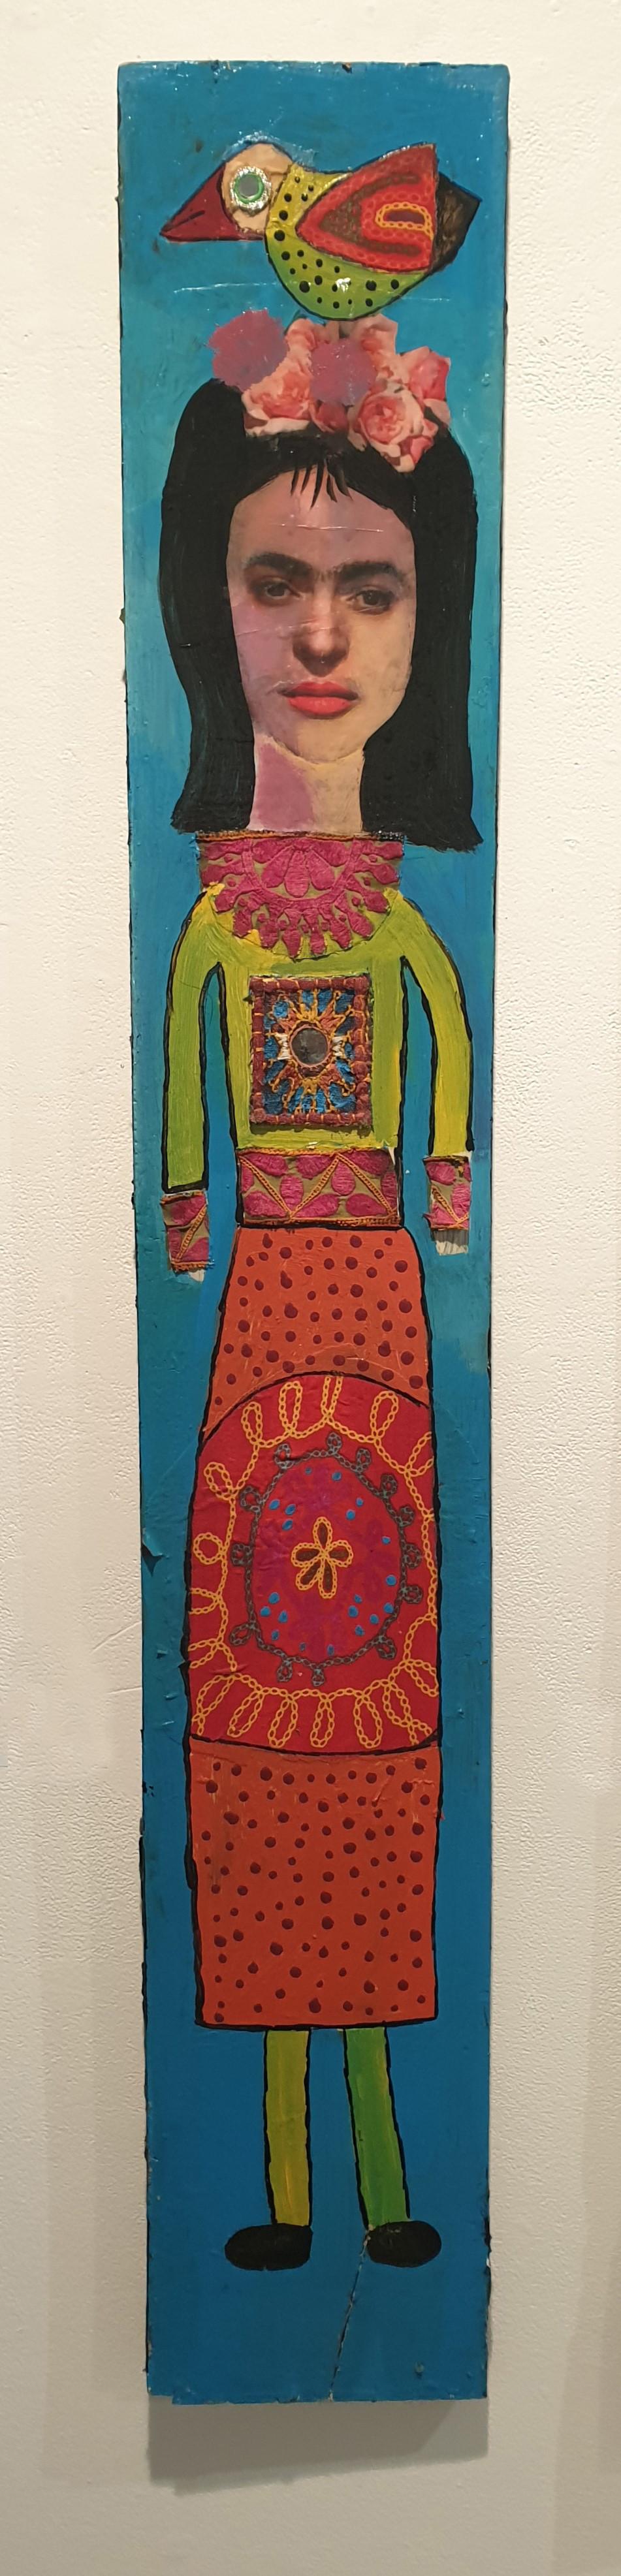 Frida Panel P2